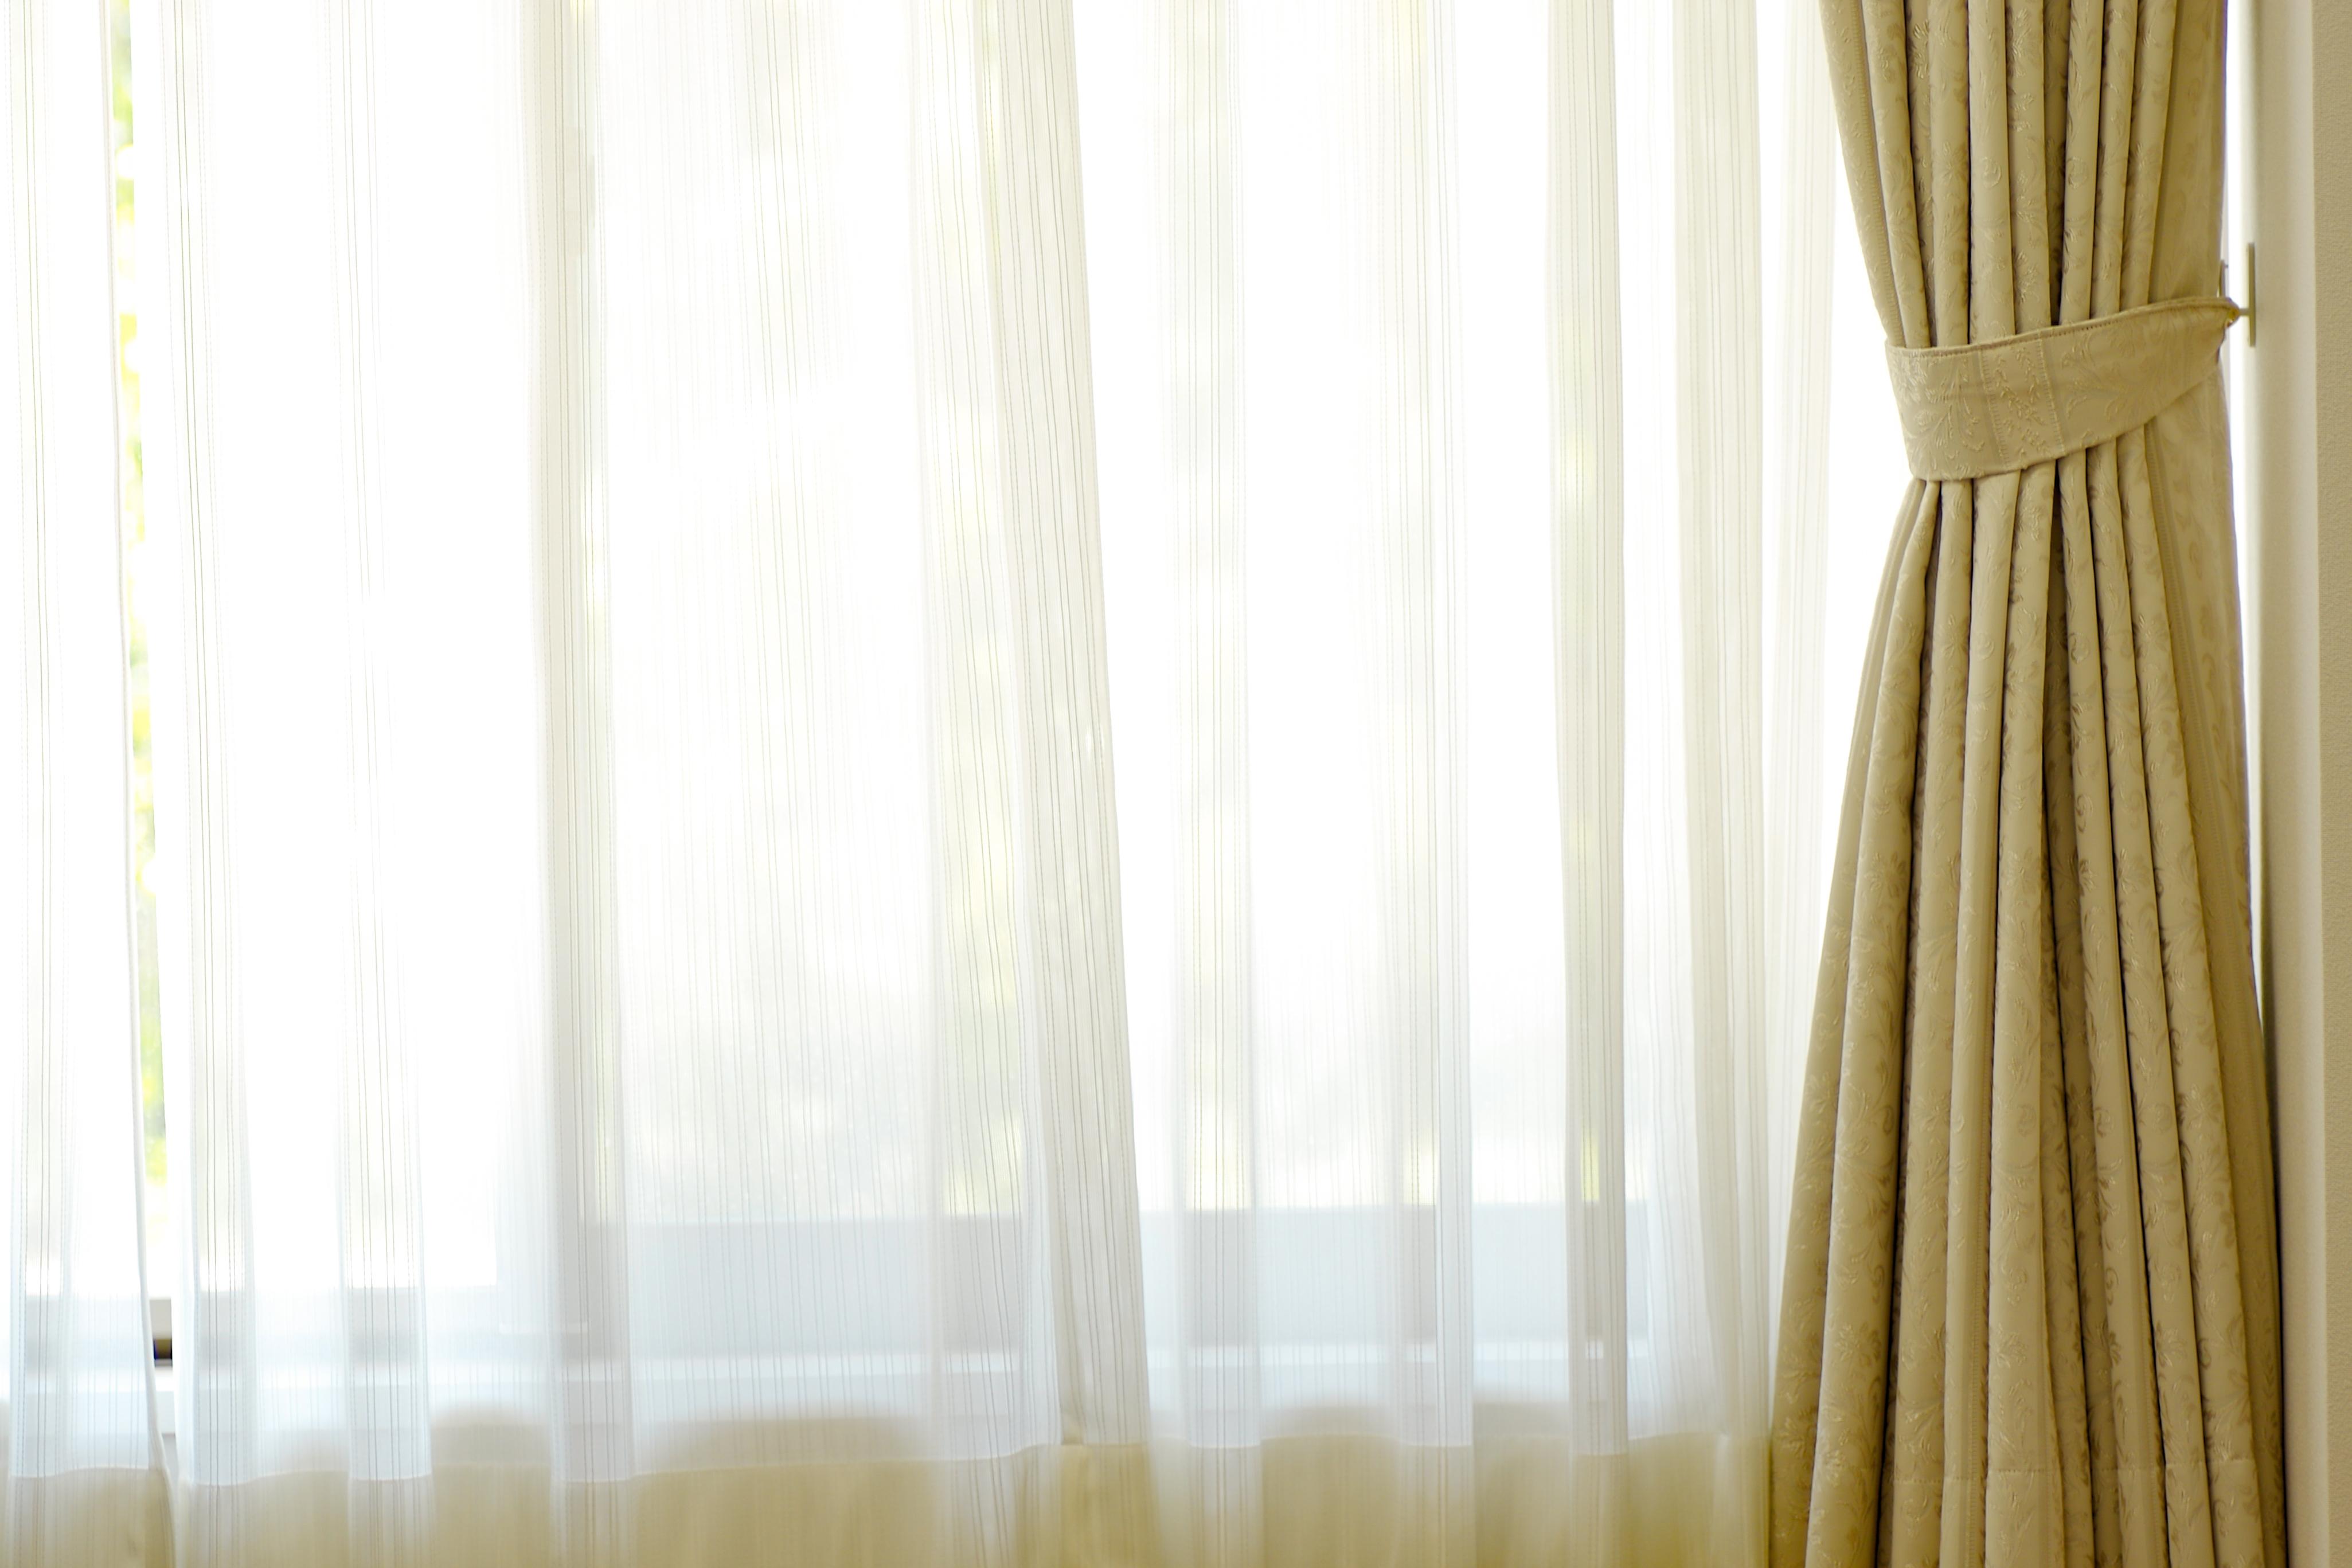 カーテンの自宅での洗濯方法!頻度や洗い方から乾かし方までコツを解説!